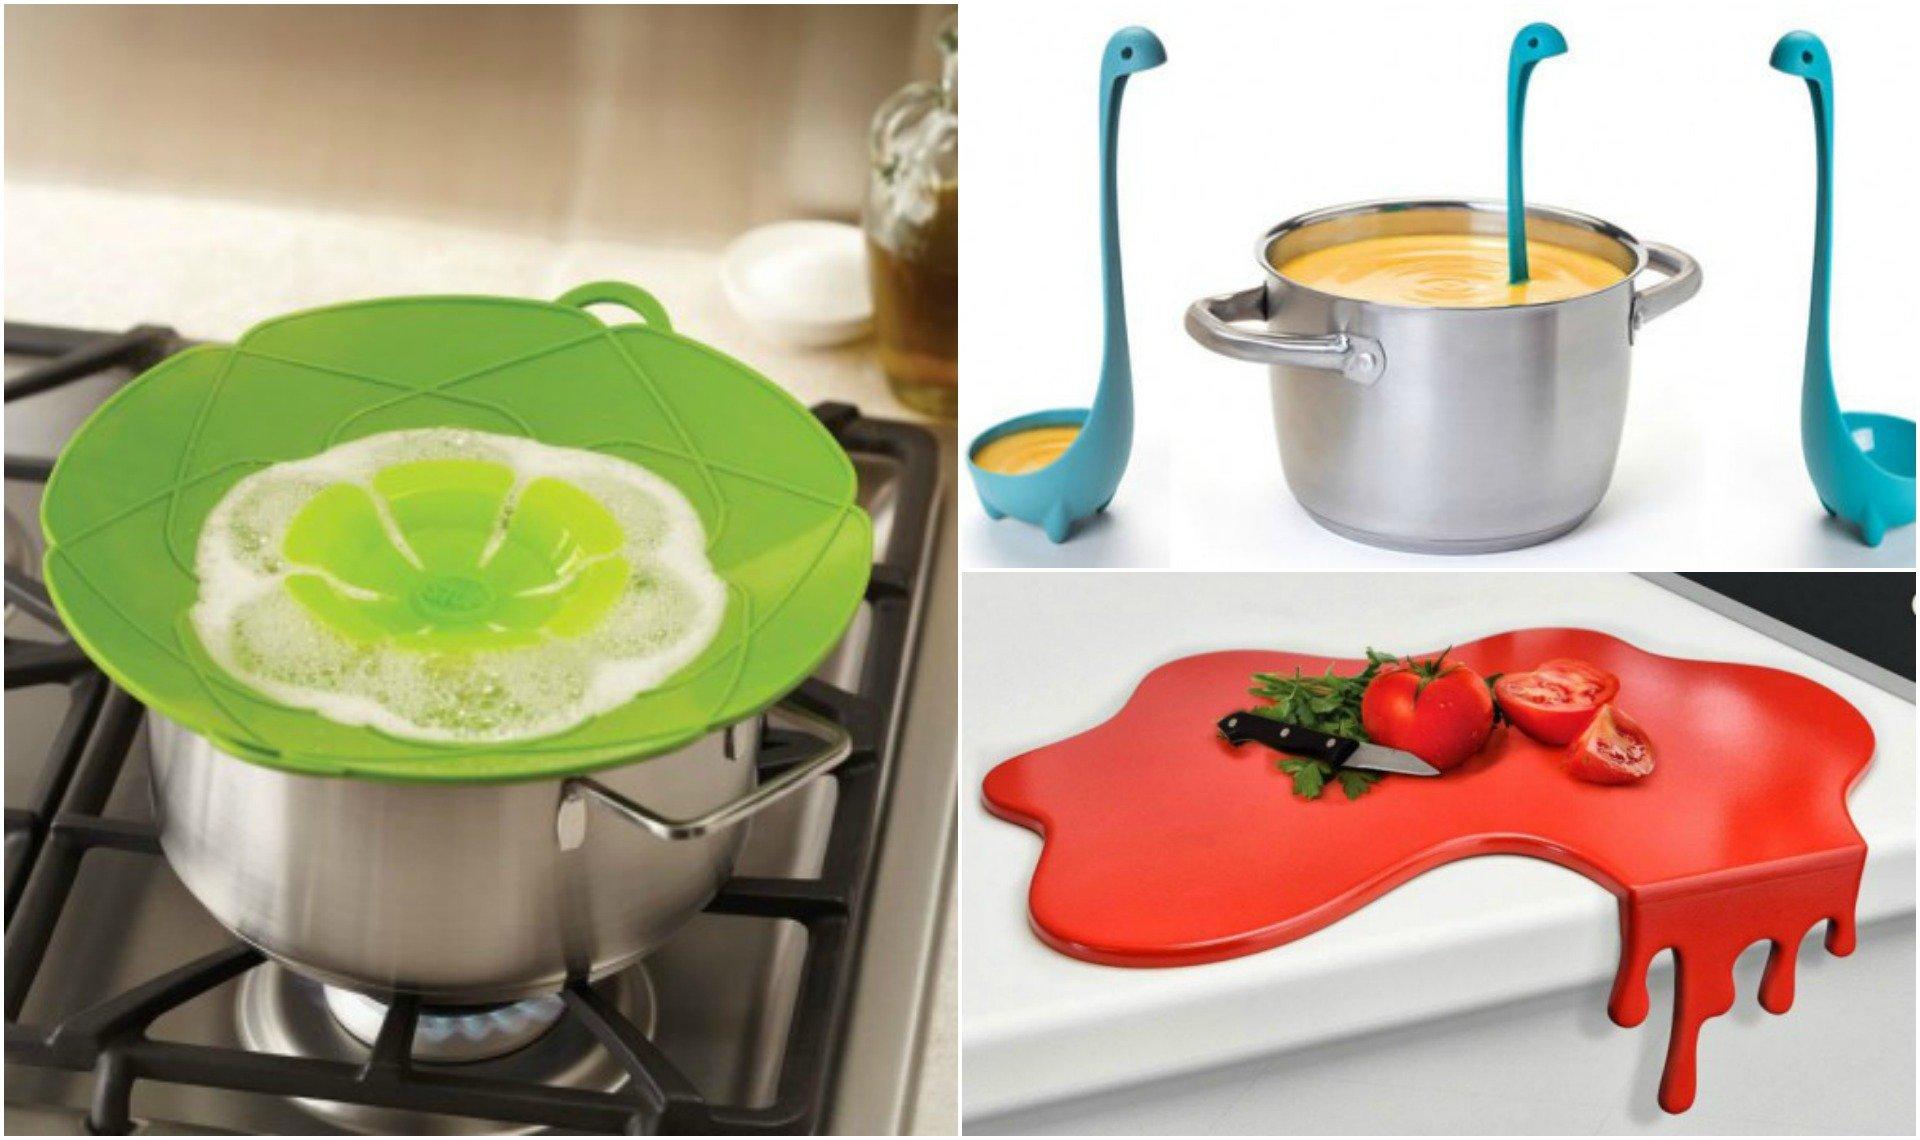 Nouveau shabby chic accessoires de cuisine uk hgd6 for Accesoire de cuisine